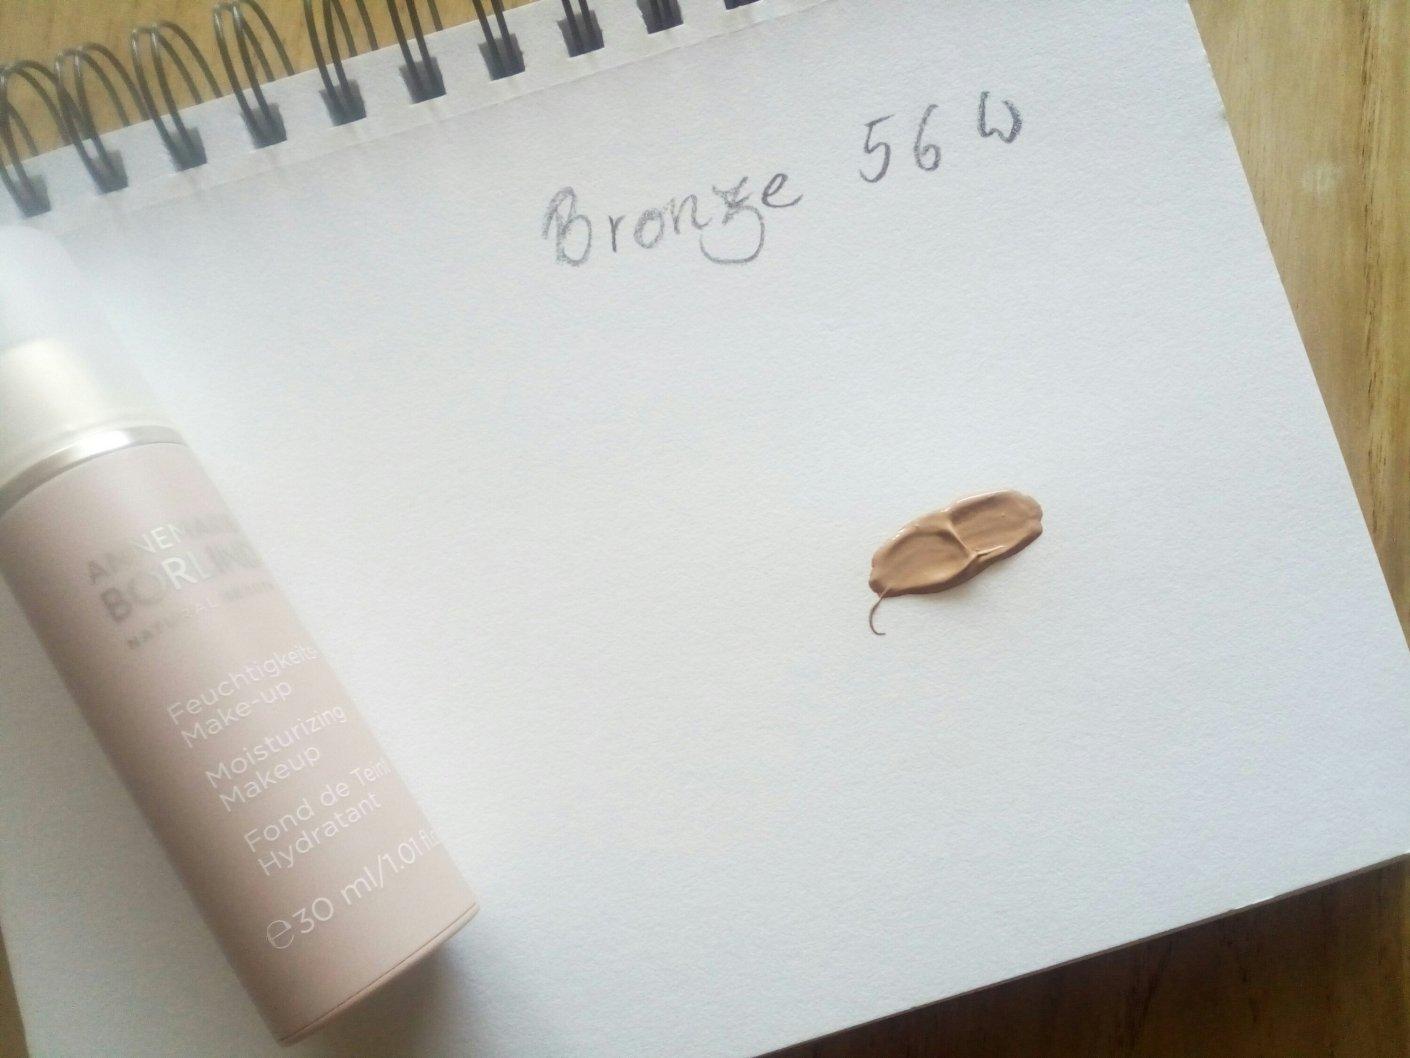 Annemarie Börlind Feuchtigkeits-Make-up in Bronze 56 W